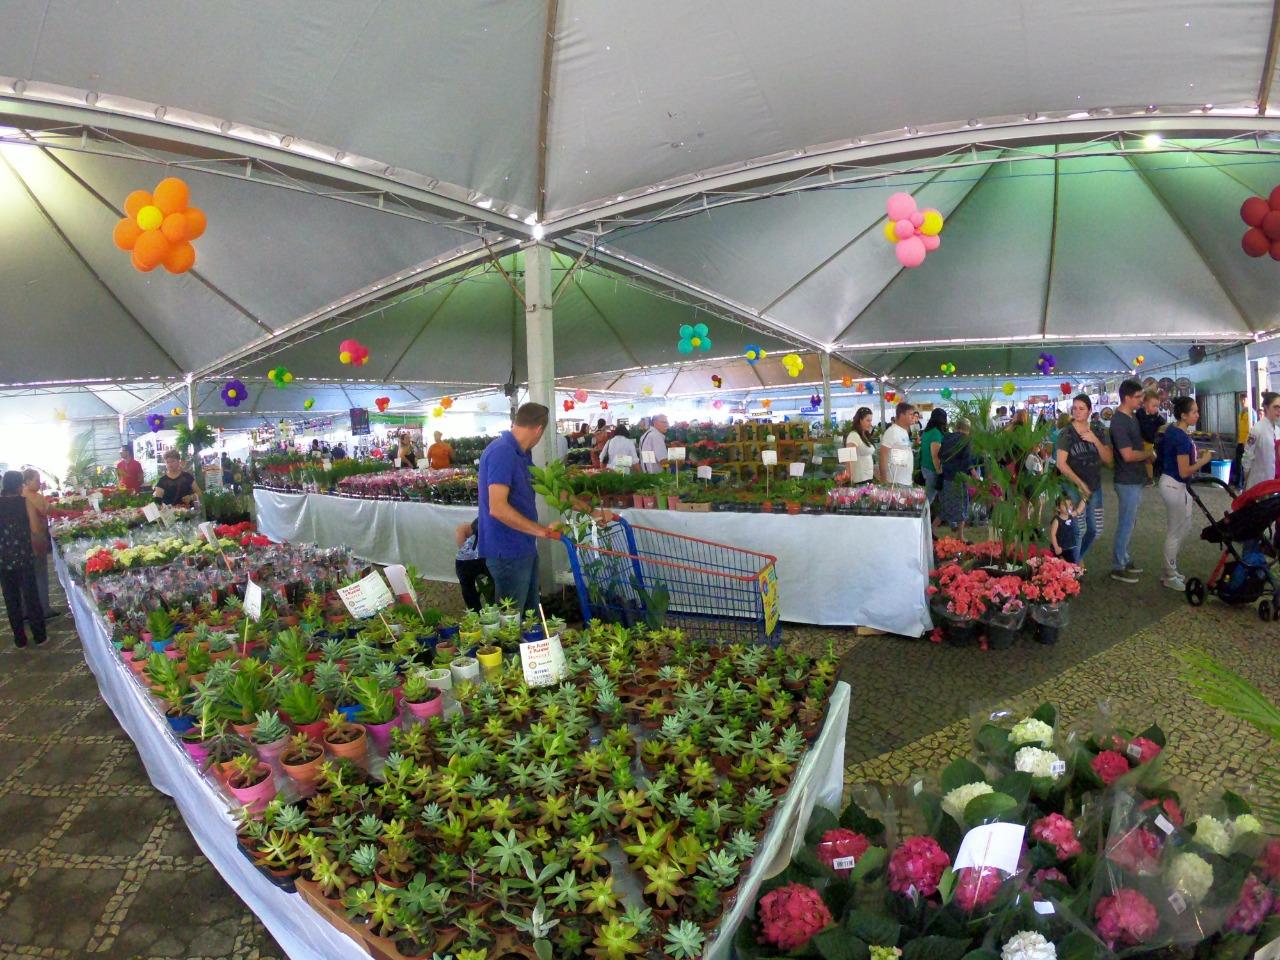 10ª edição da Expo&Flor acontece ainda este ano em PG; veja detalhes